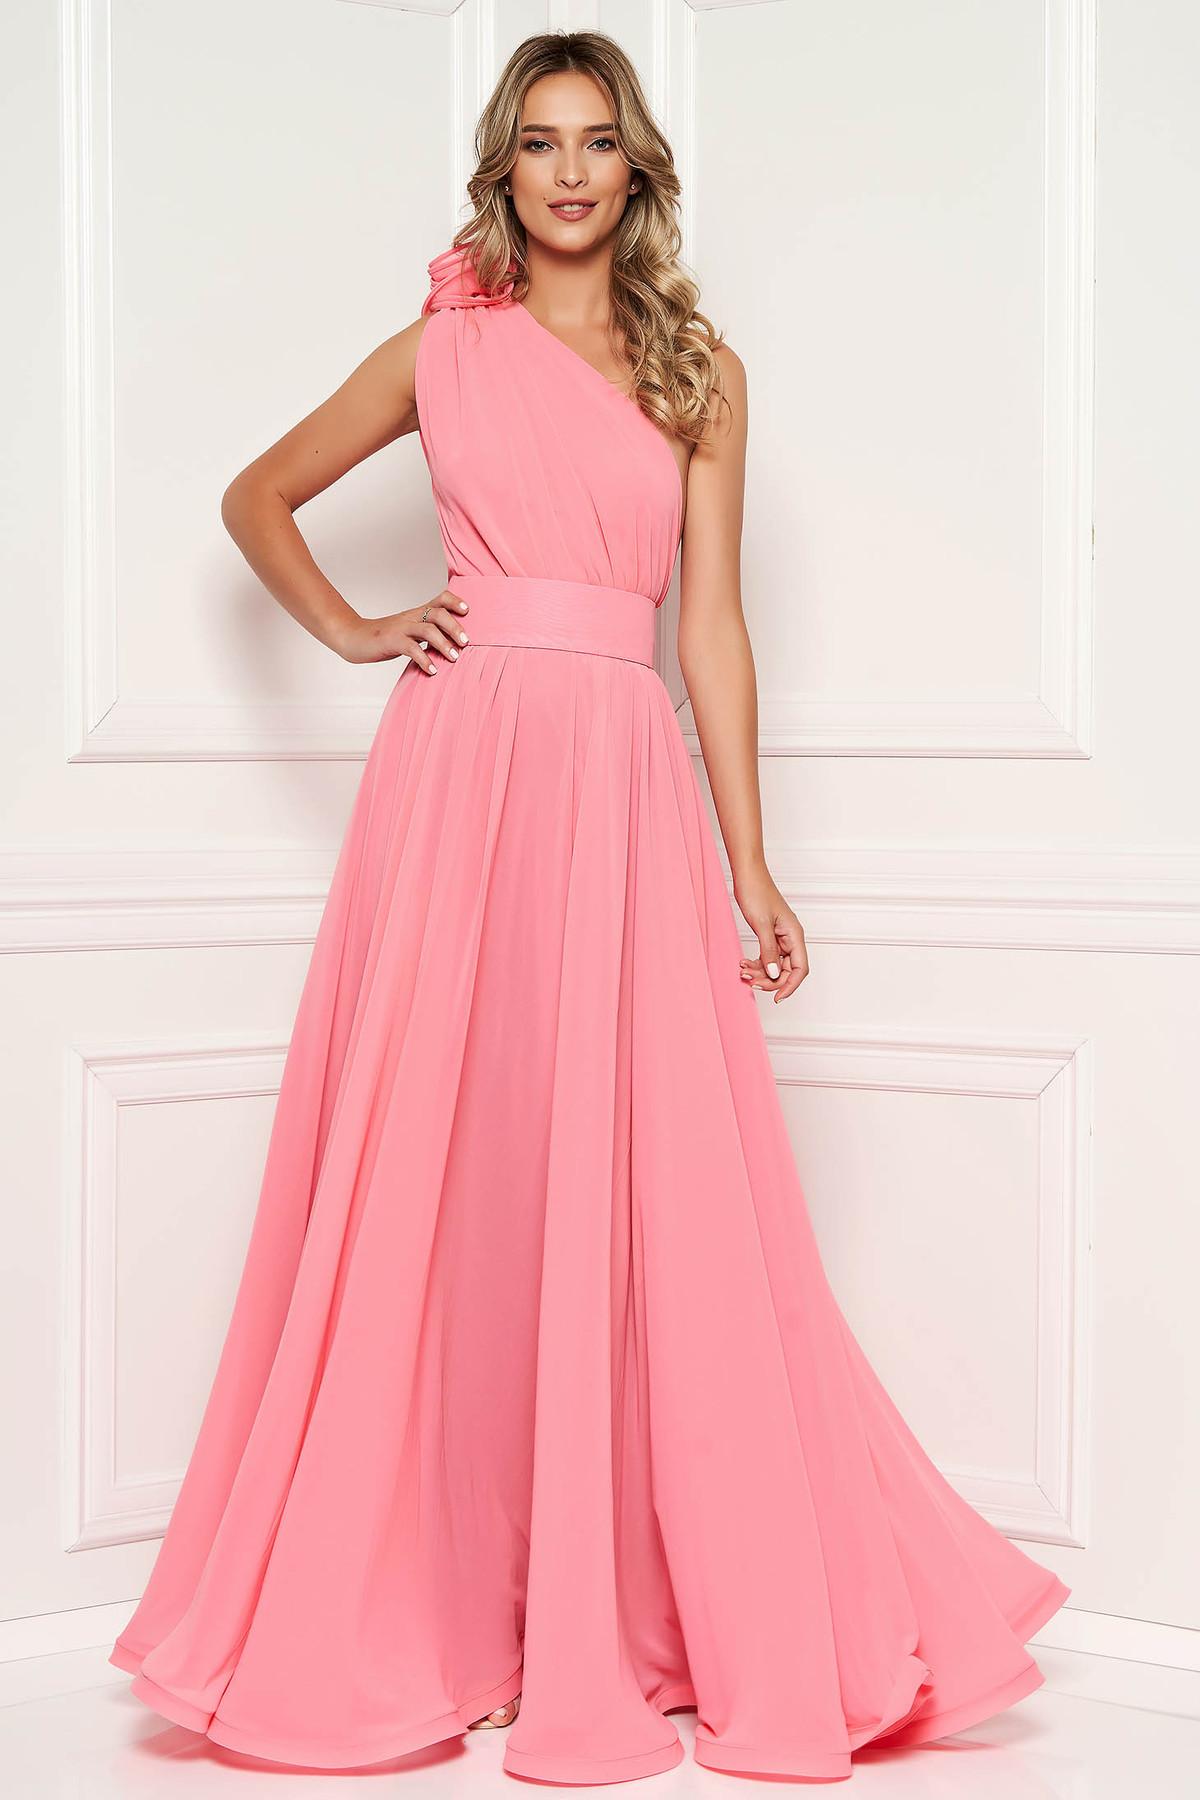 Rochie Ana Radu rosa de lux lunga in clos din voal captusita pe interior accesorizata cu cordon